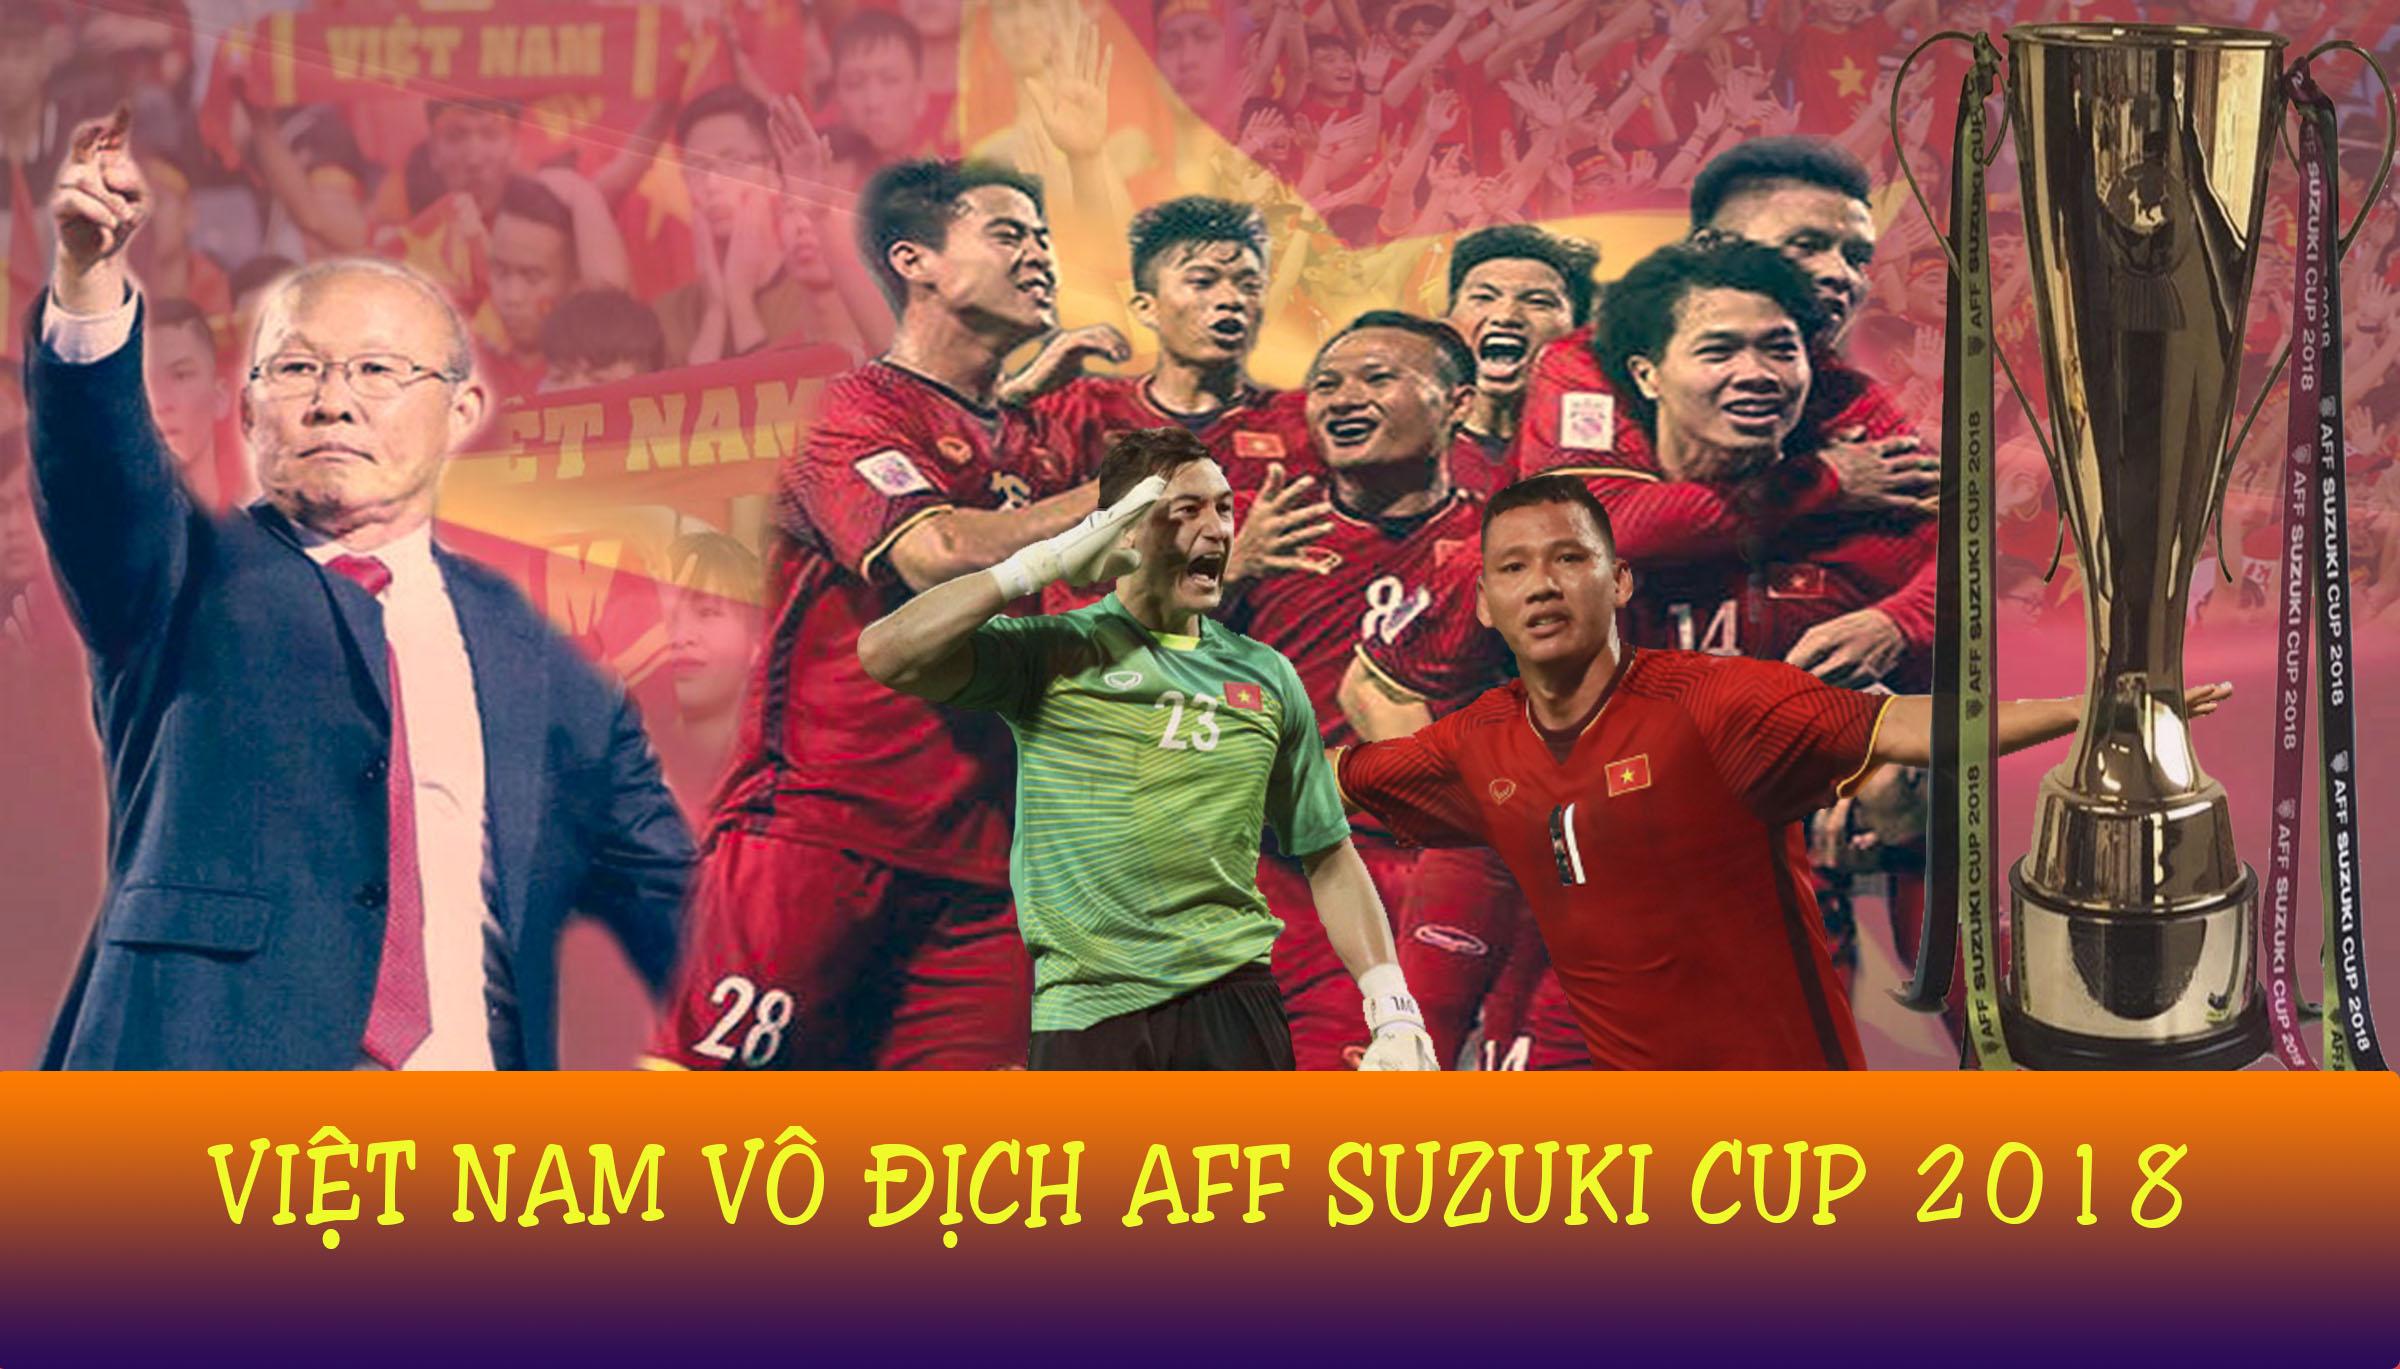 [Infographic] Việt Nam lần thứ hai đăng quang tại AFF Cup